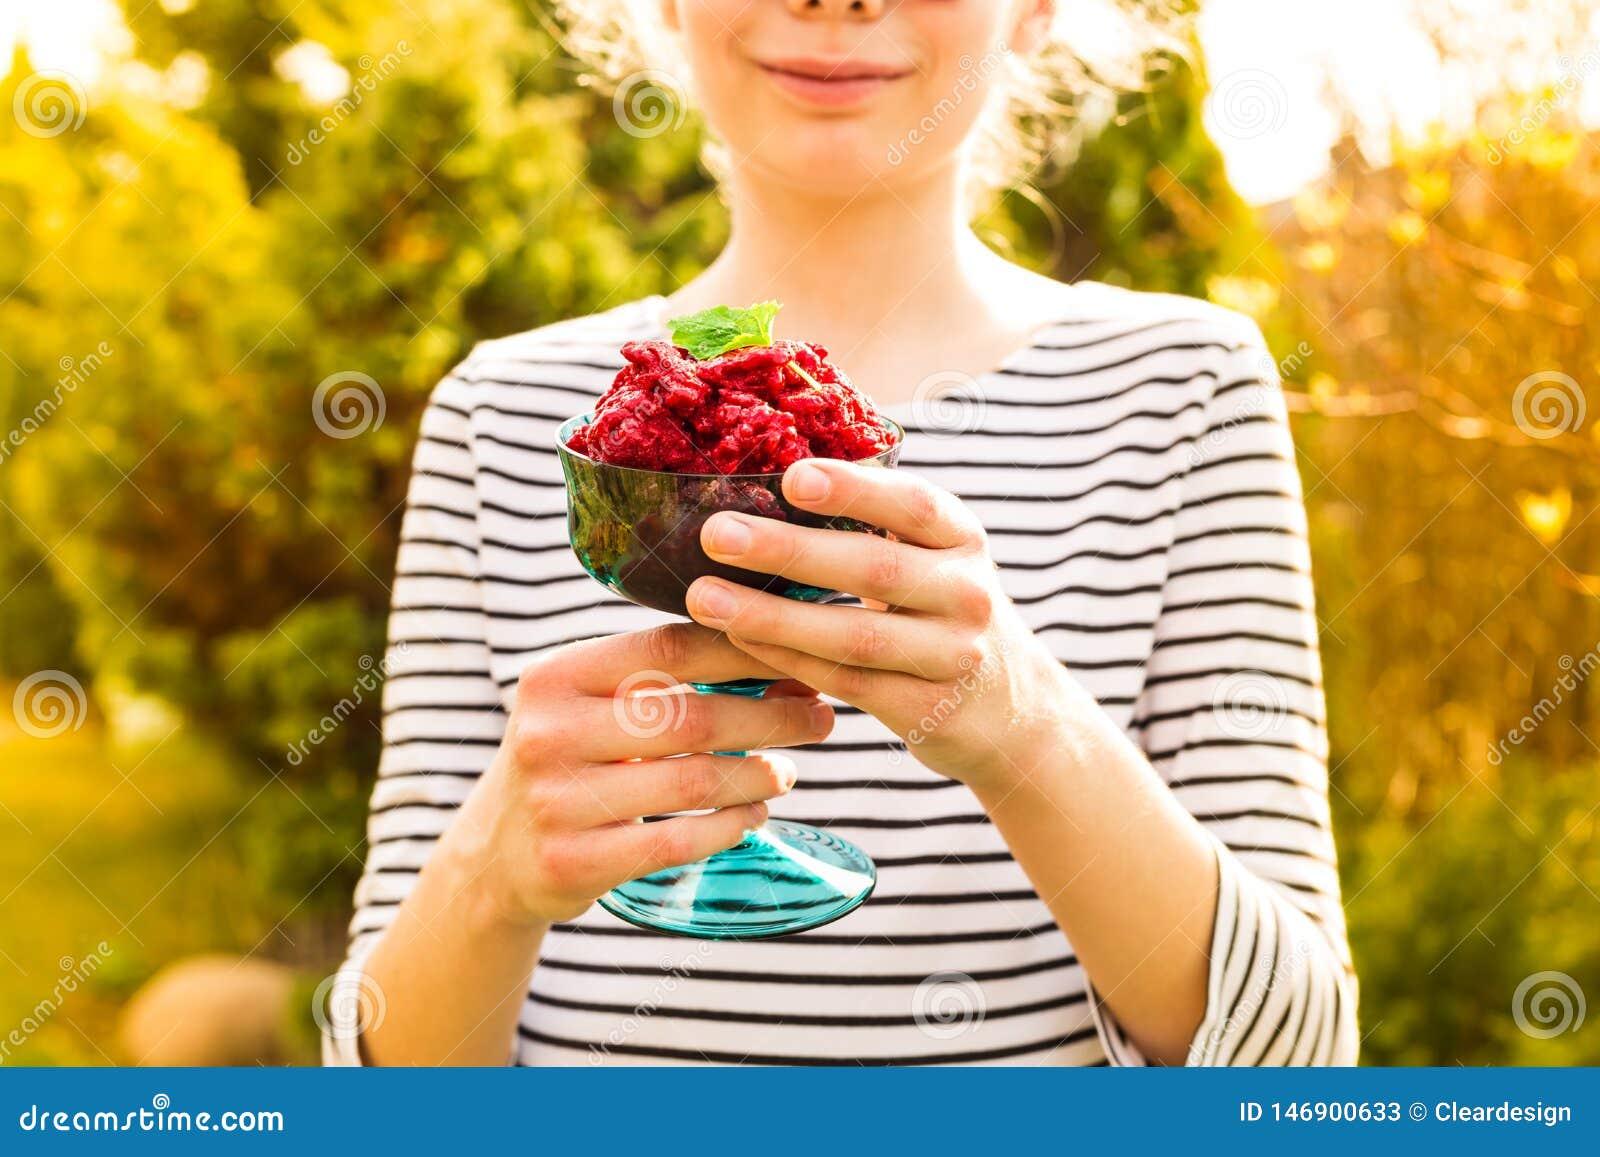 Sorbetto in mani della ragazza - dessert di rinfresco del lampone di estate